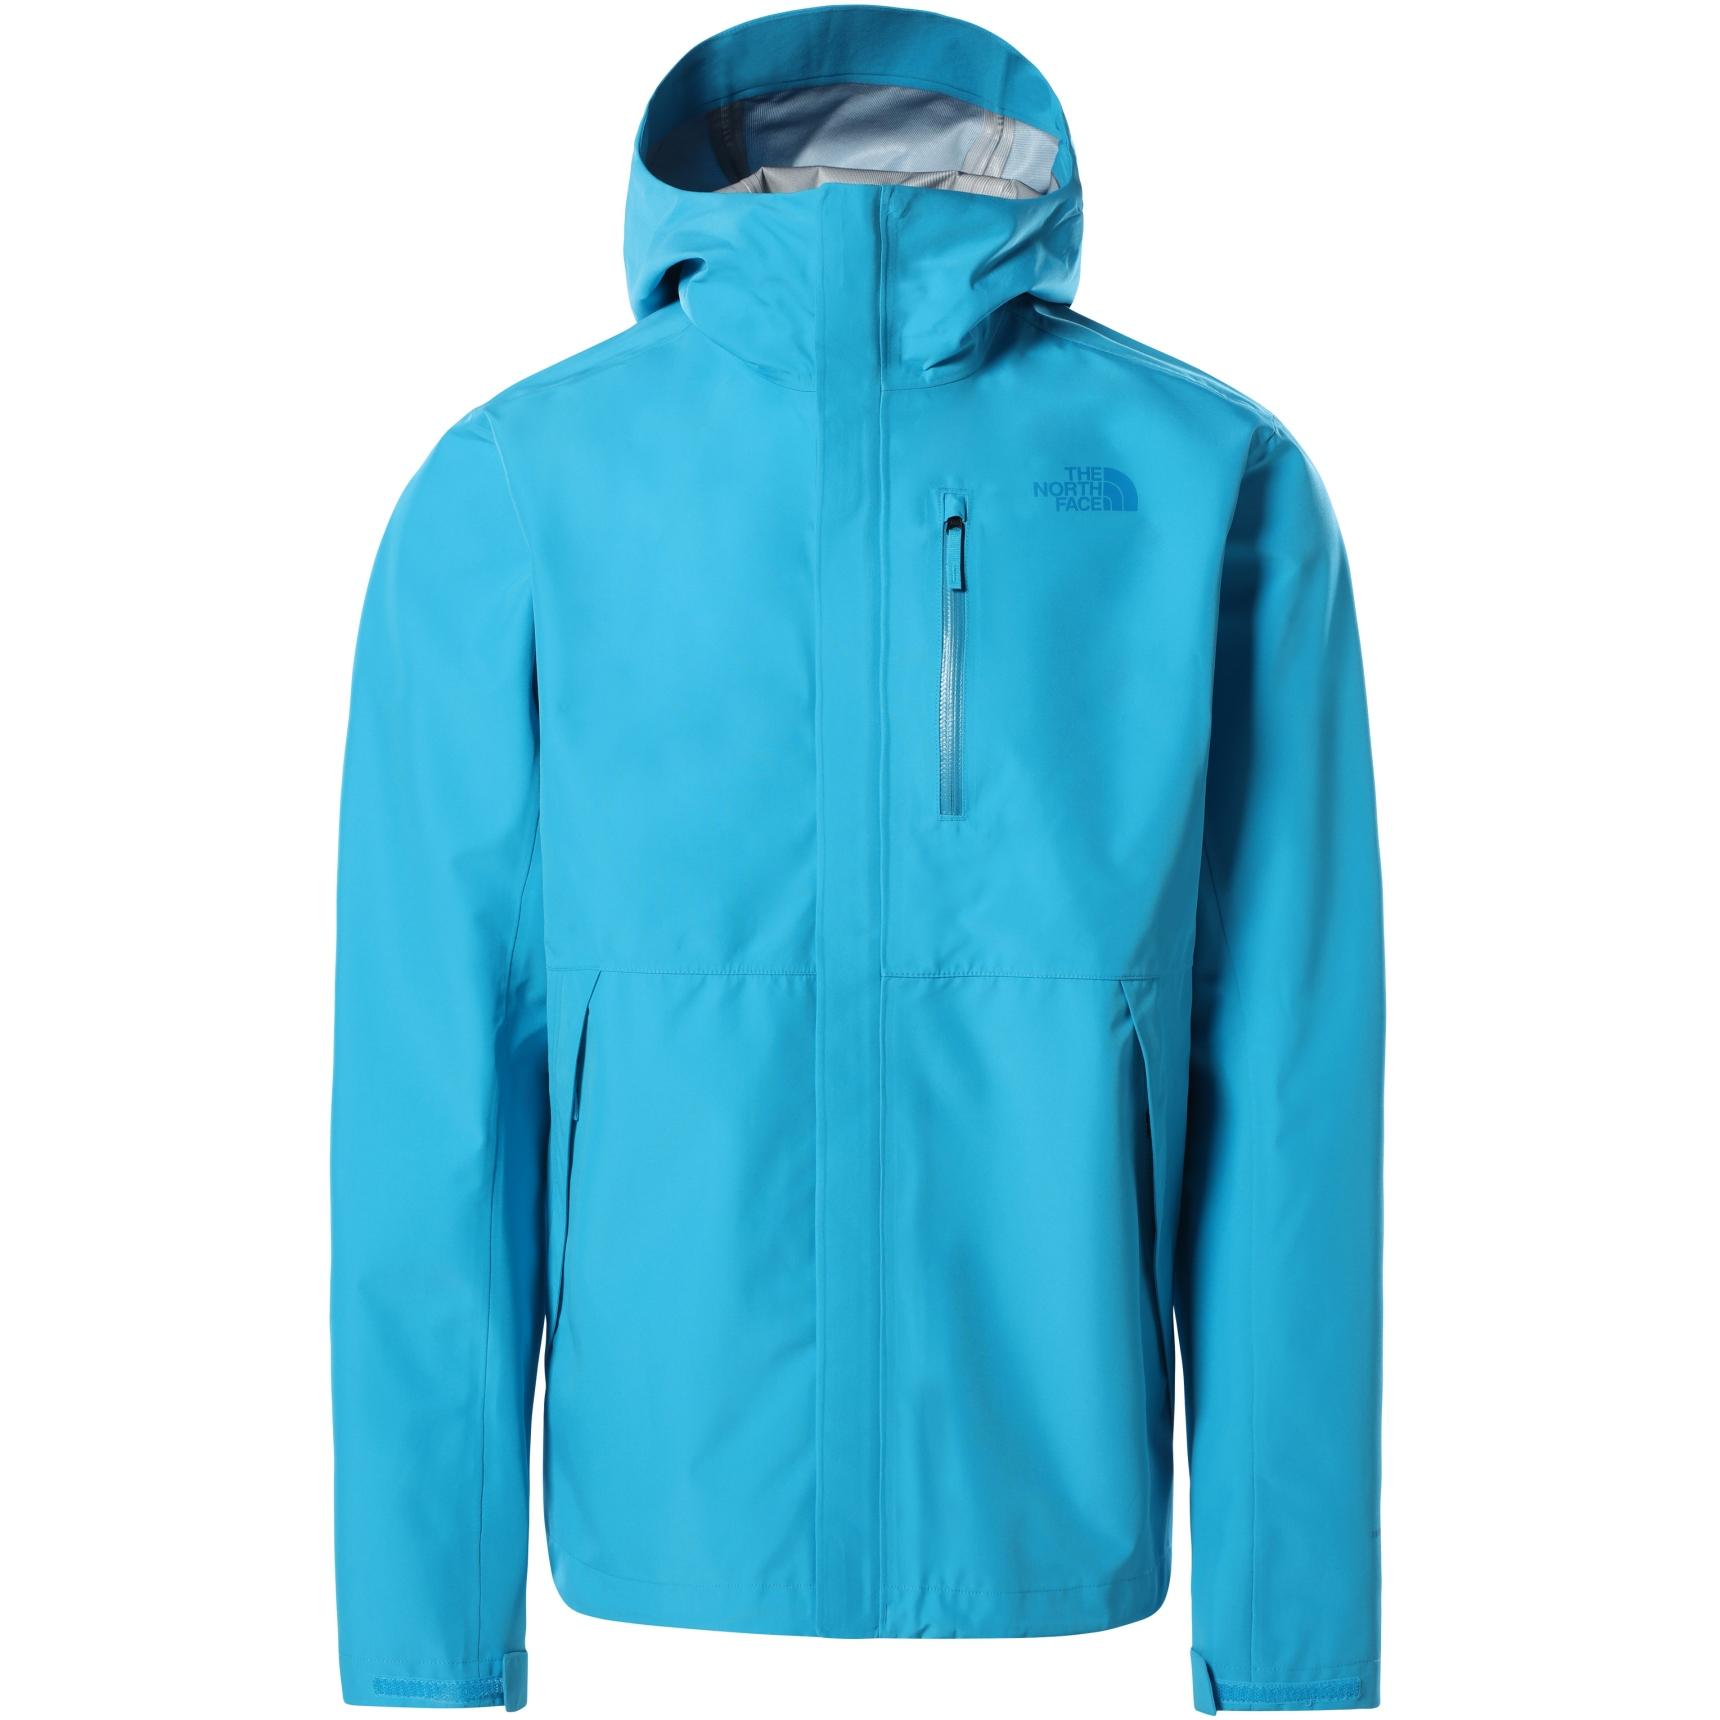 Produktbild von The North Face Herren Dryzzle FutureLight Jacke - Meridian Blue